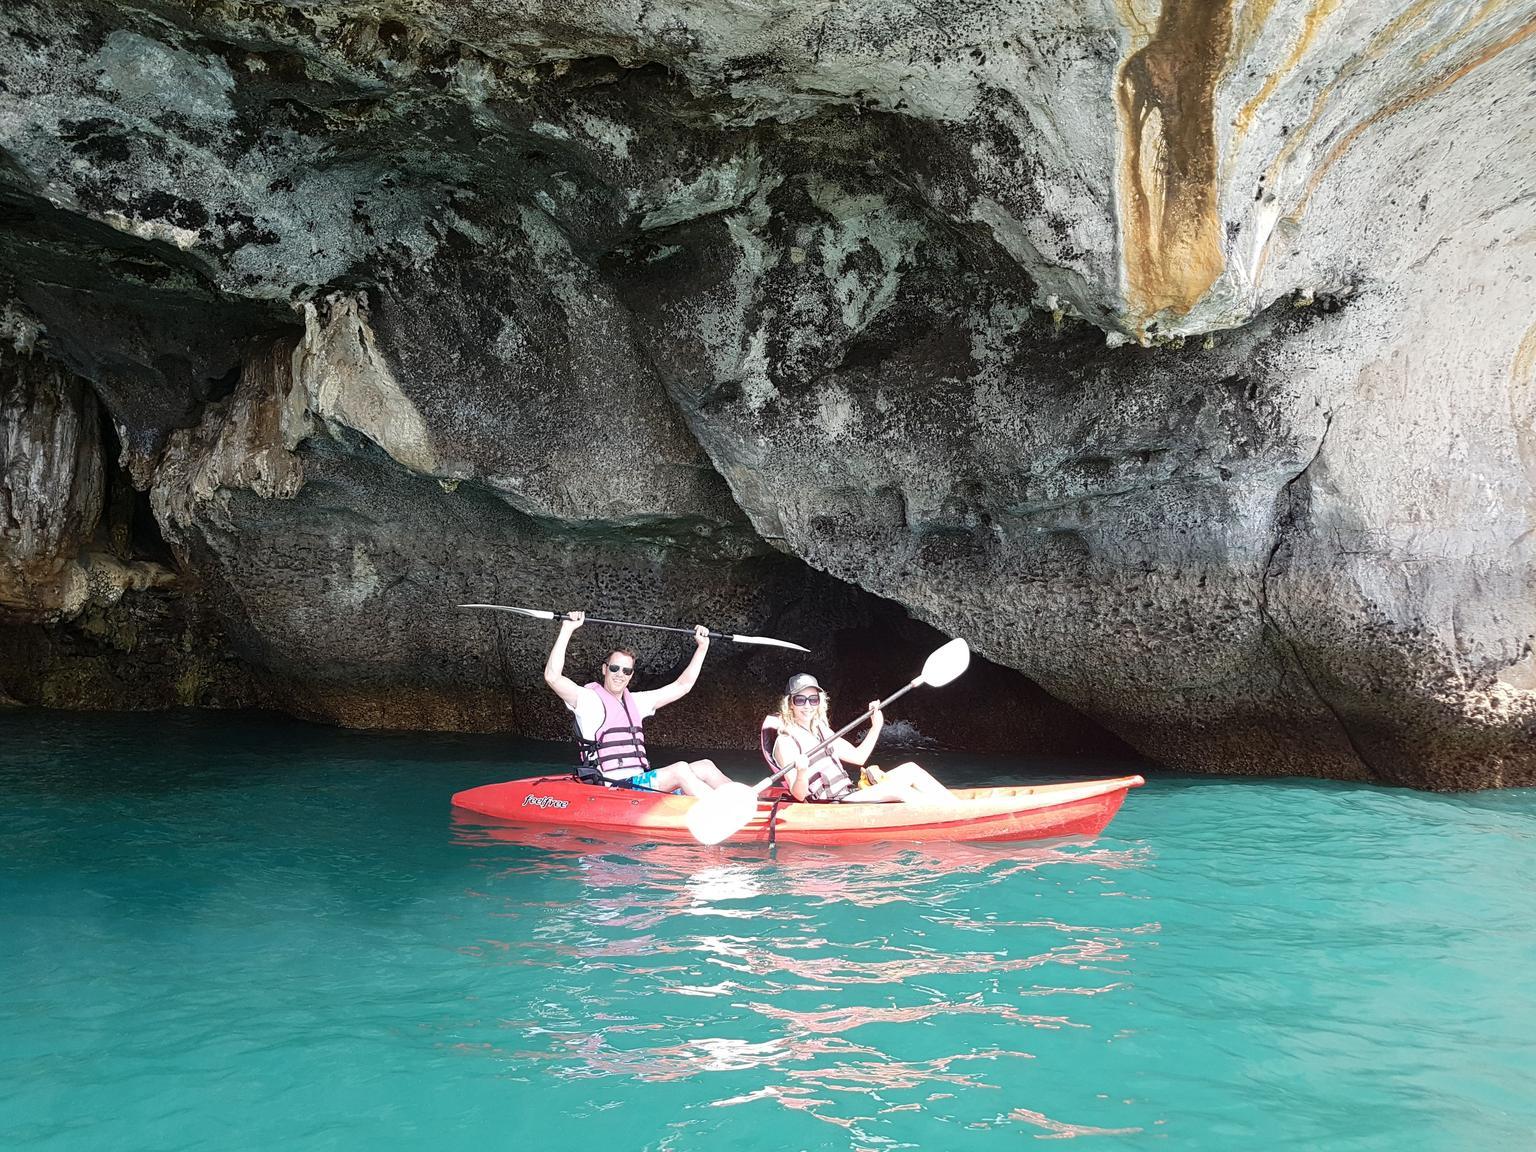 MÁS FOTOS, Visita a la Isla de Hong en barco de cola larga con buceo y opción de kayak